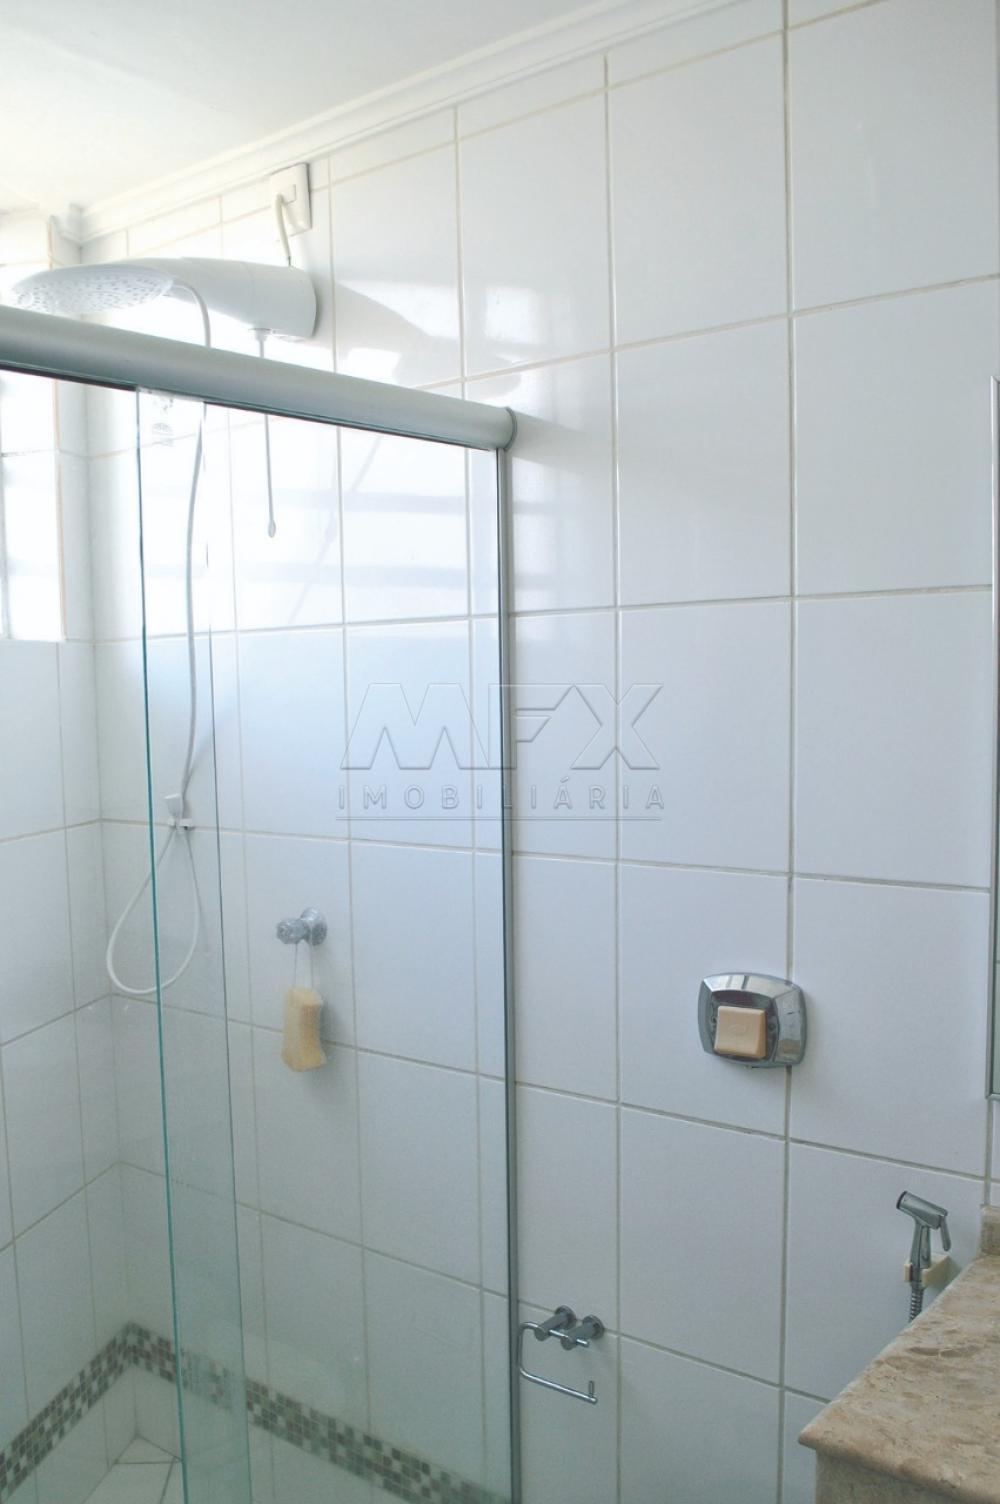 Comprar Apartamento / Padrão em Bauru R$ 320.000,00 - Foto 8